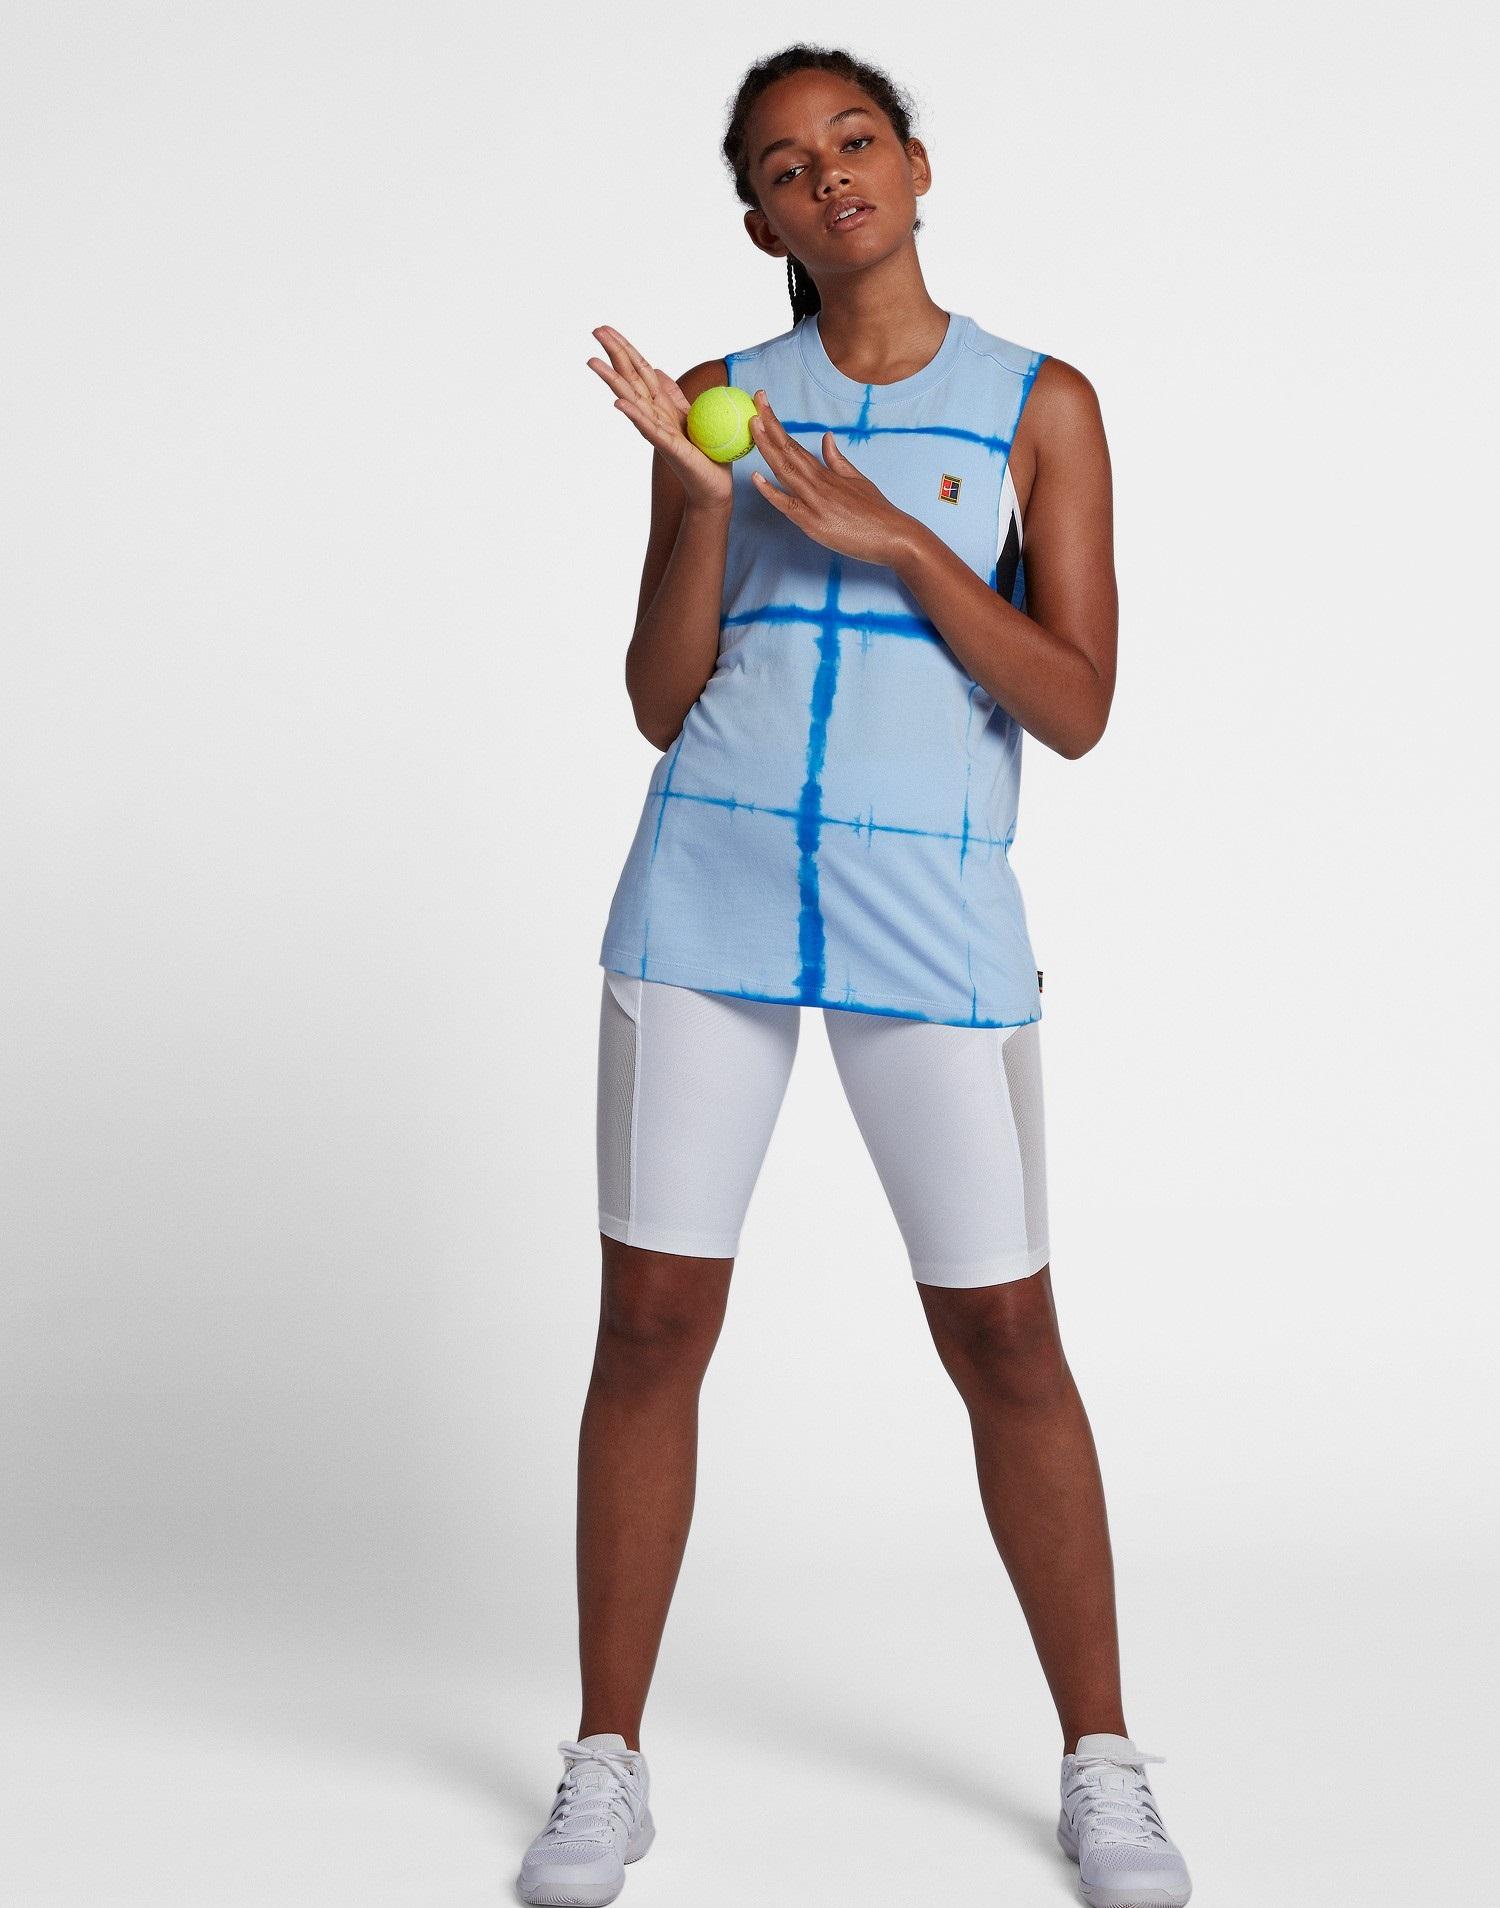 Nike Women's Fall Tie Dye Muscle Tank